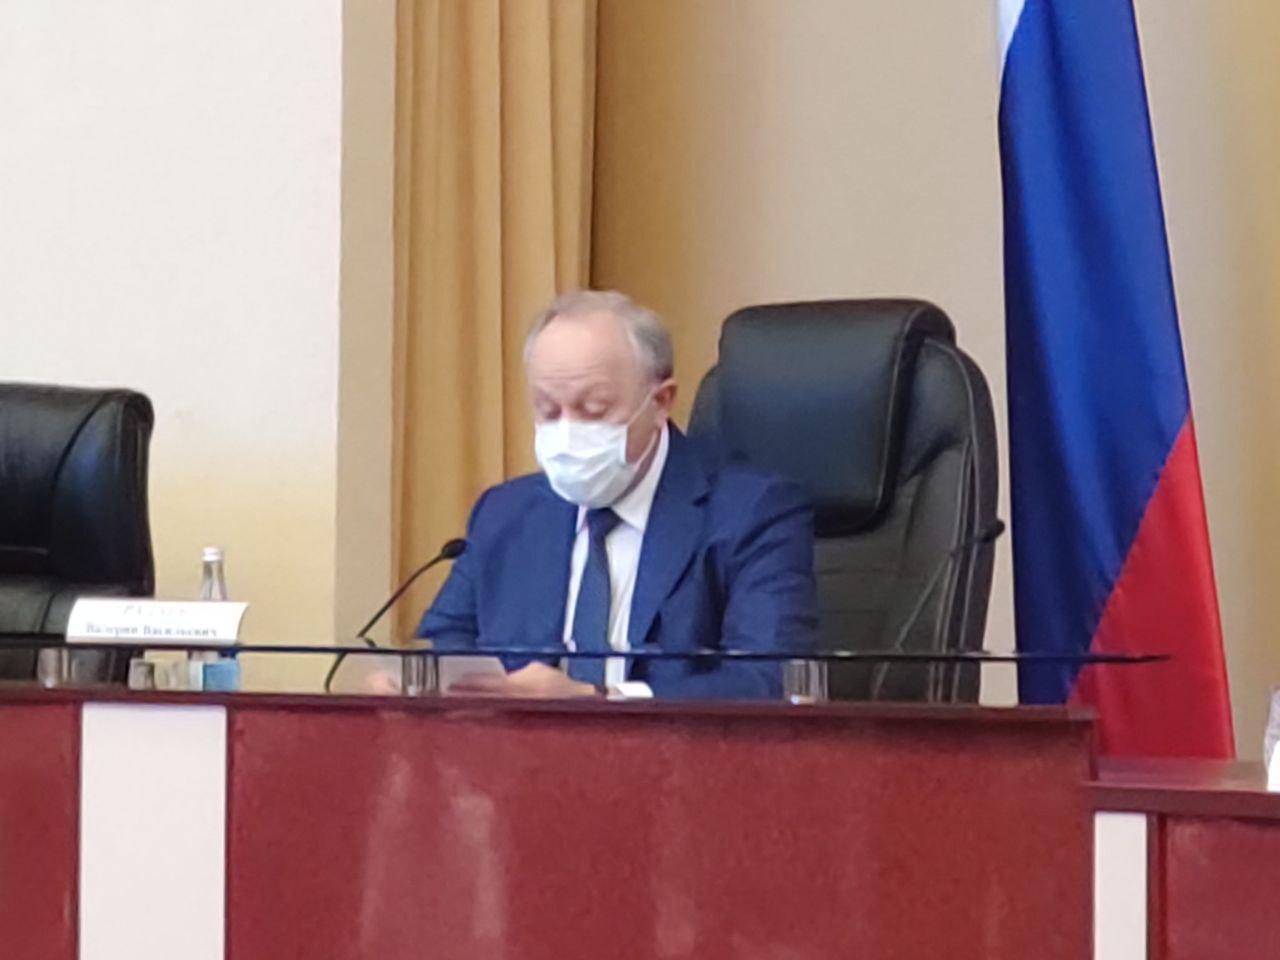 В Саратовской области продлили режим ограничений из-за коронавируса